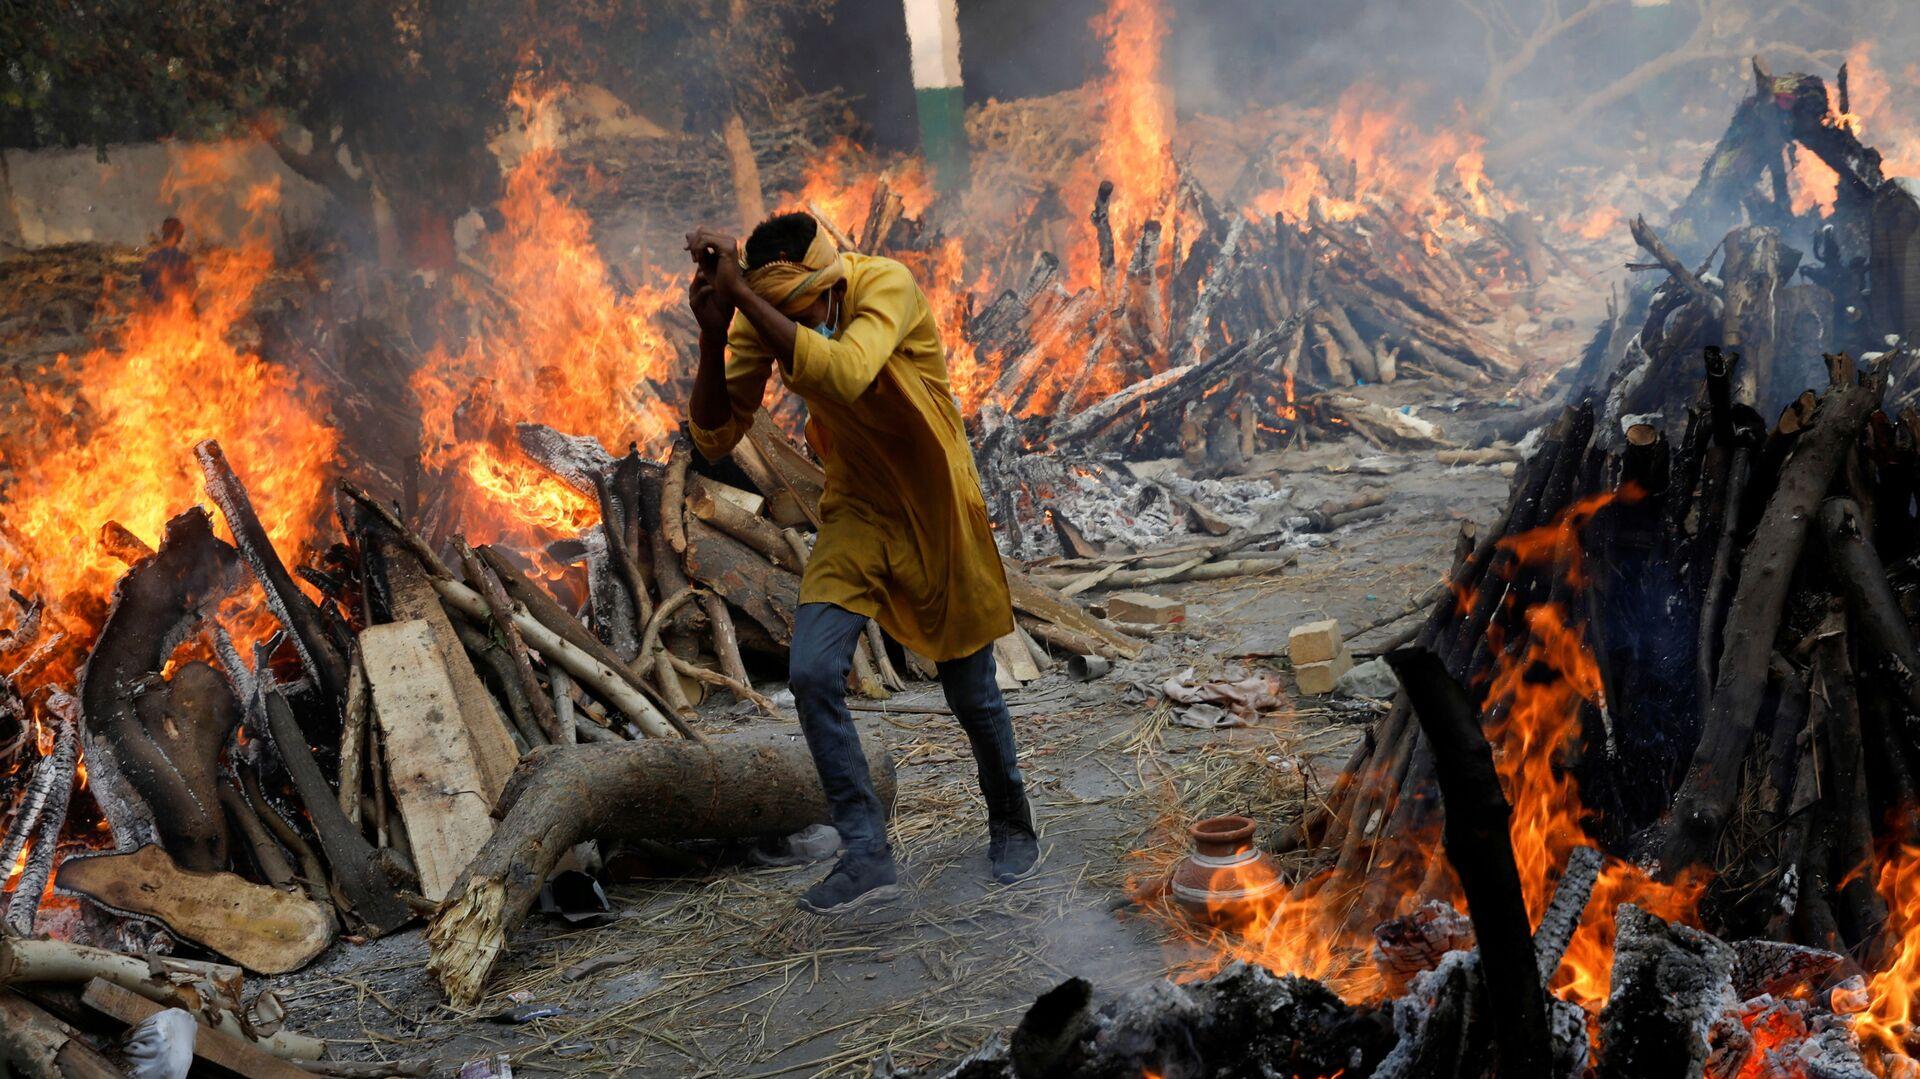 Un uomo passa davanti alle pire funerarie in fiamme dei morti da coronavirus (Covid-19), durante una cremazione di massa, in un crematorio a Nuova Delhi, India 26 aprile 2021.   - Sputnik Italia, 1920, 02.05.2021